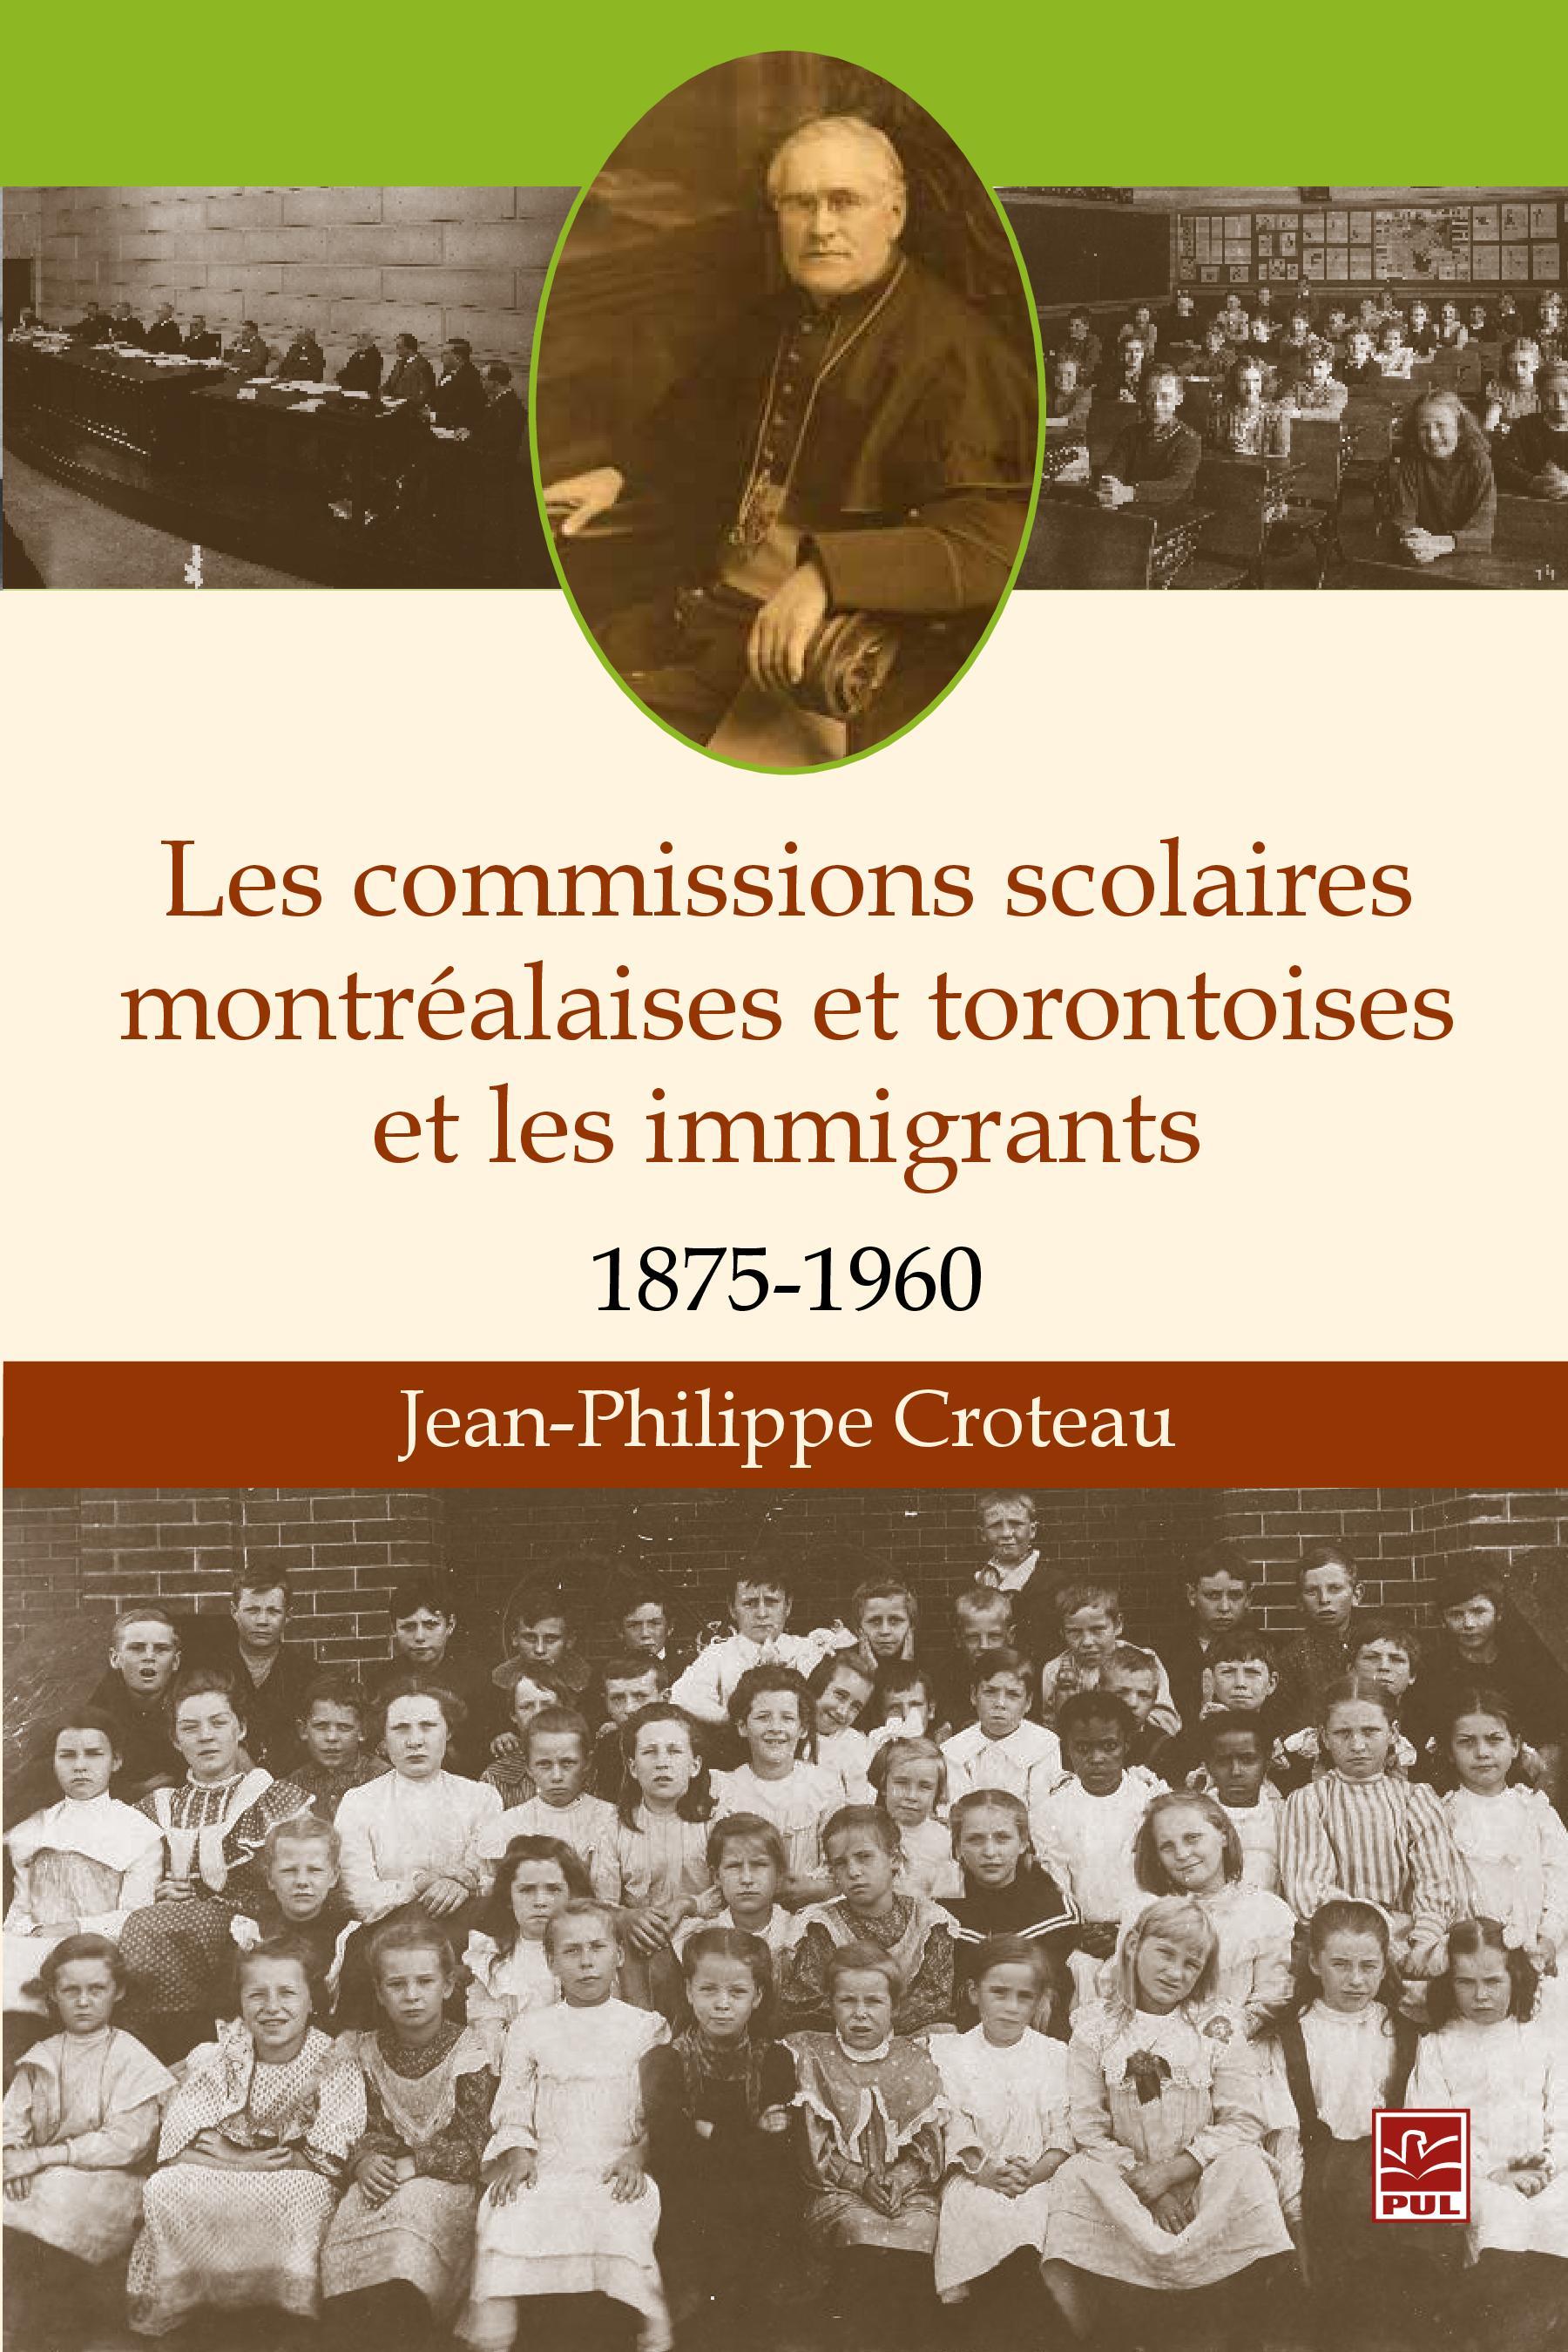 Les commissions scolaires montréalaises et torontoises et les immigrants 1875-1960